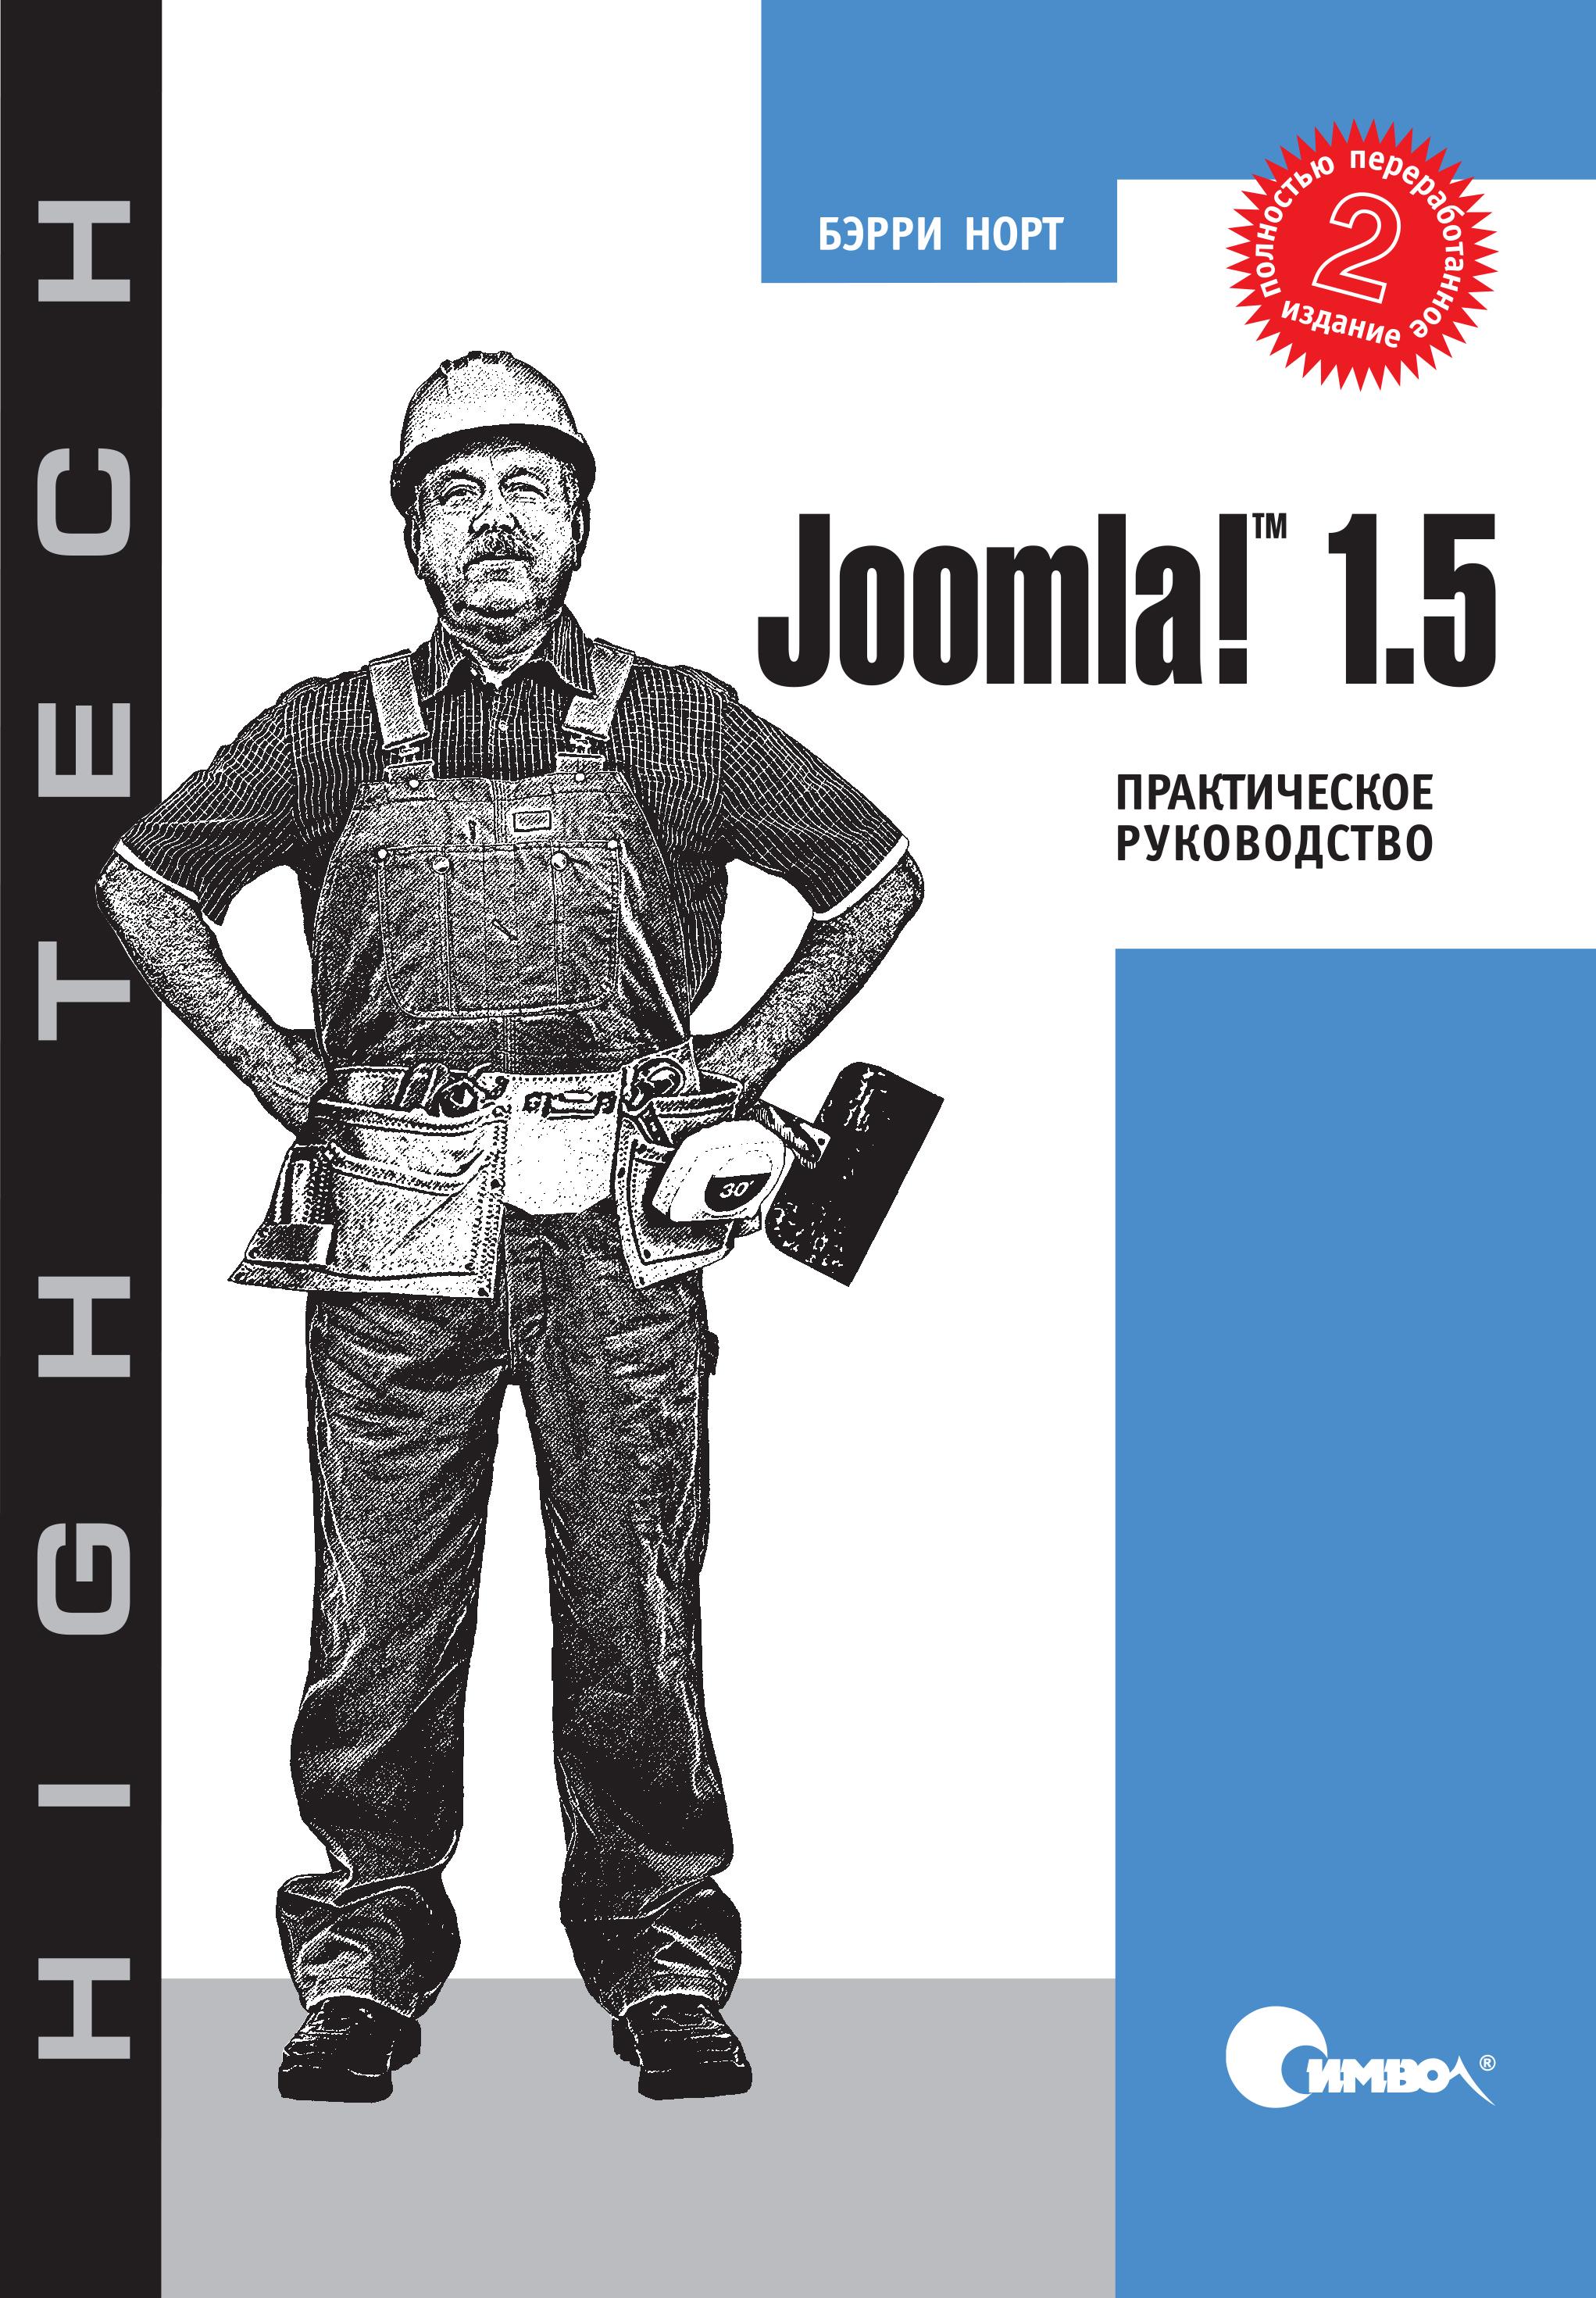 Бэрри Норт Joomla! 1.5. Практическое руководство. 2-е издание дэн рамел joomla для профессионалов